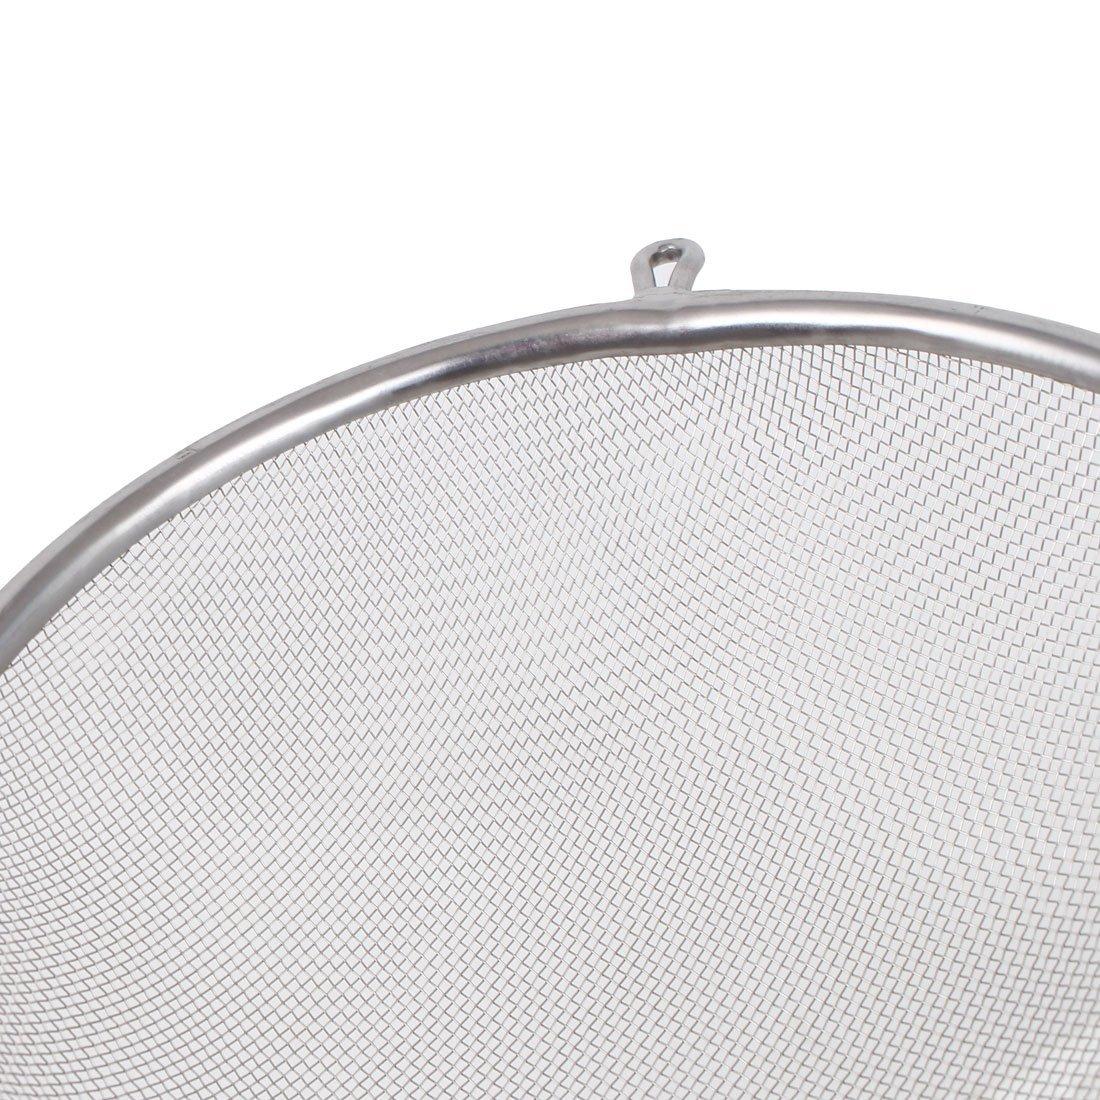 Amazon.com | eDealMax cocina colador de malla de alambre de harina Tamiz Tamiz Tamiz de aceite 3 en 1: Flatware Sets